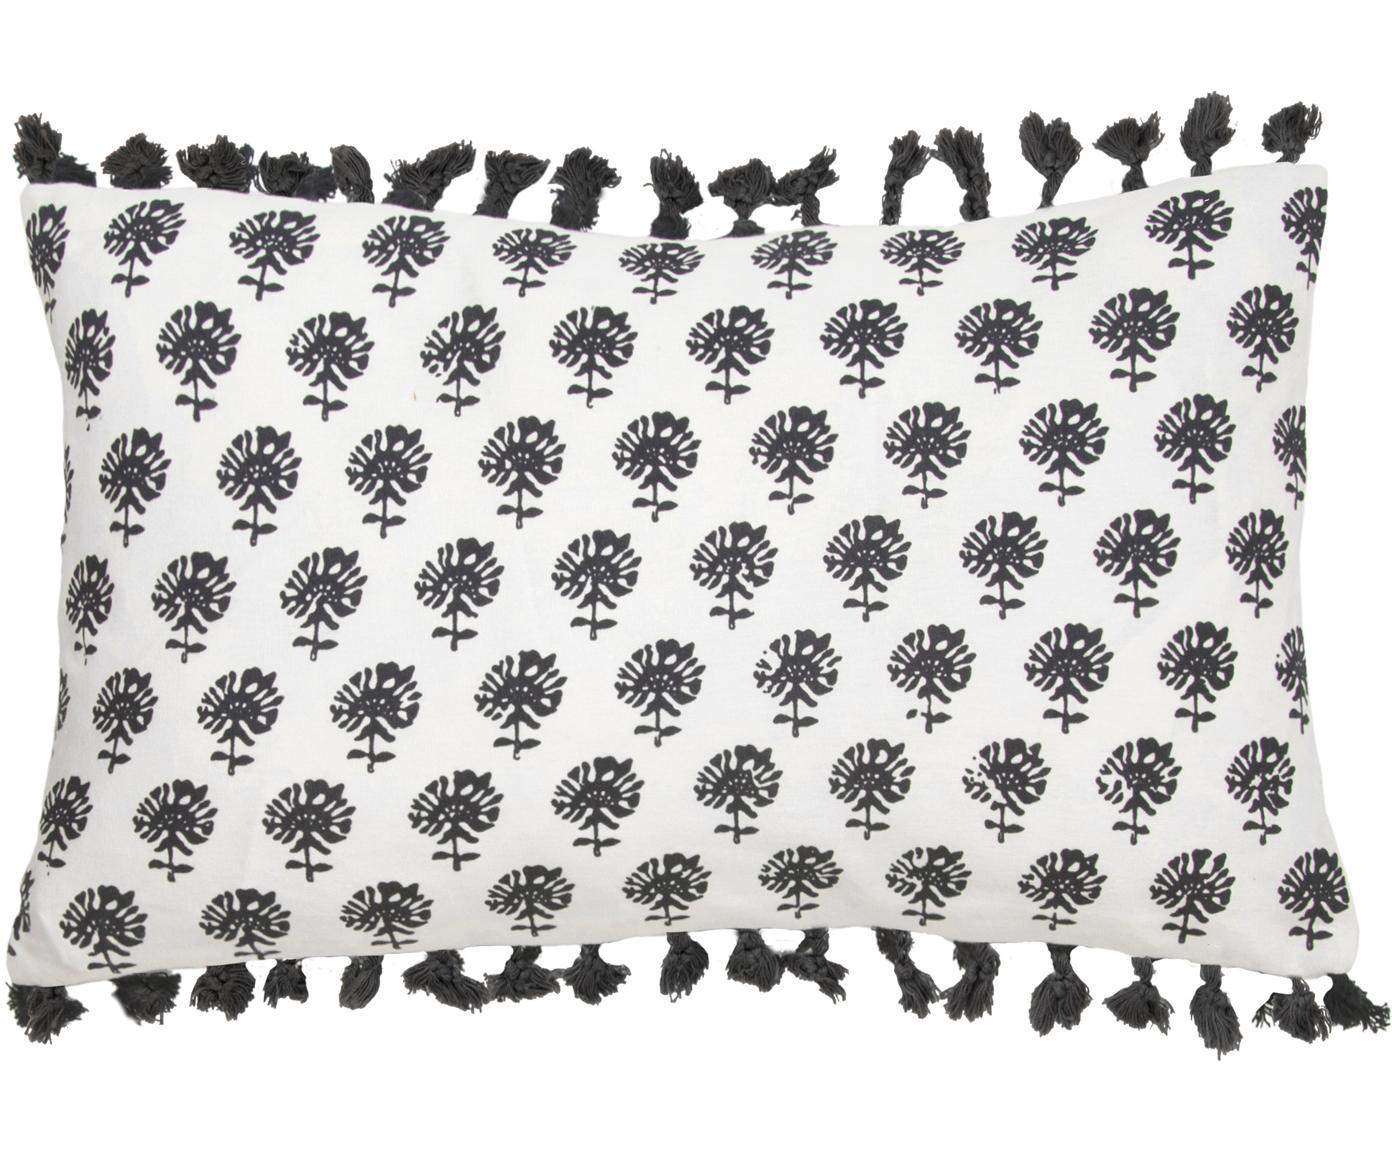 Kussenhoes Poesy met kwastjes, Katoen, Wit, zwart, 30 x 50 cm